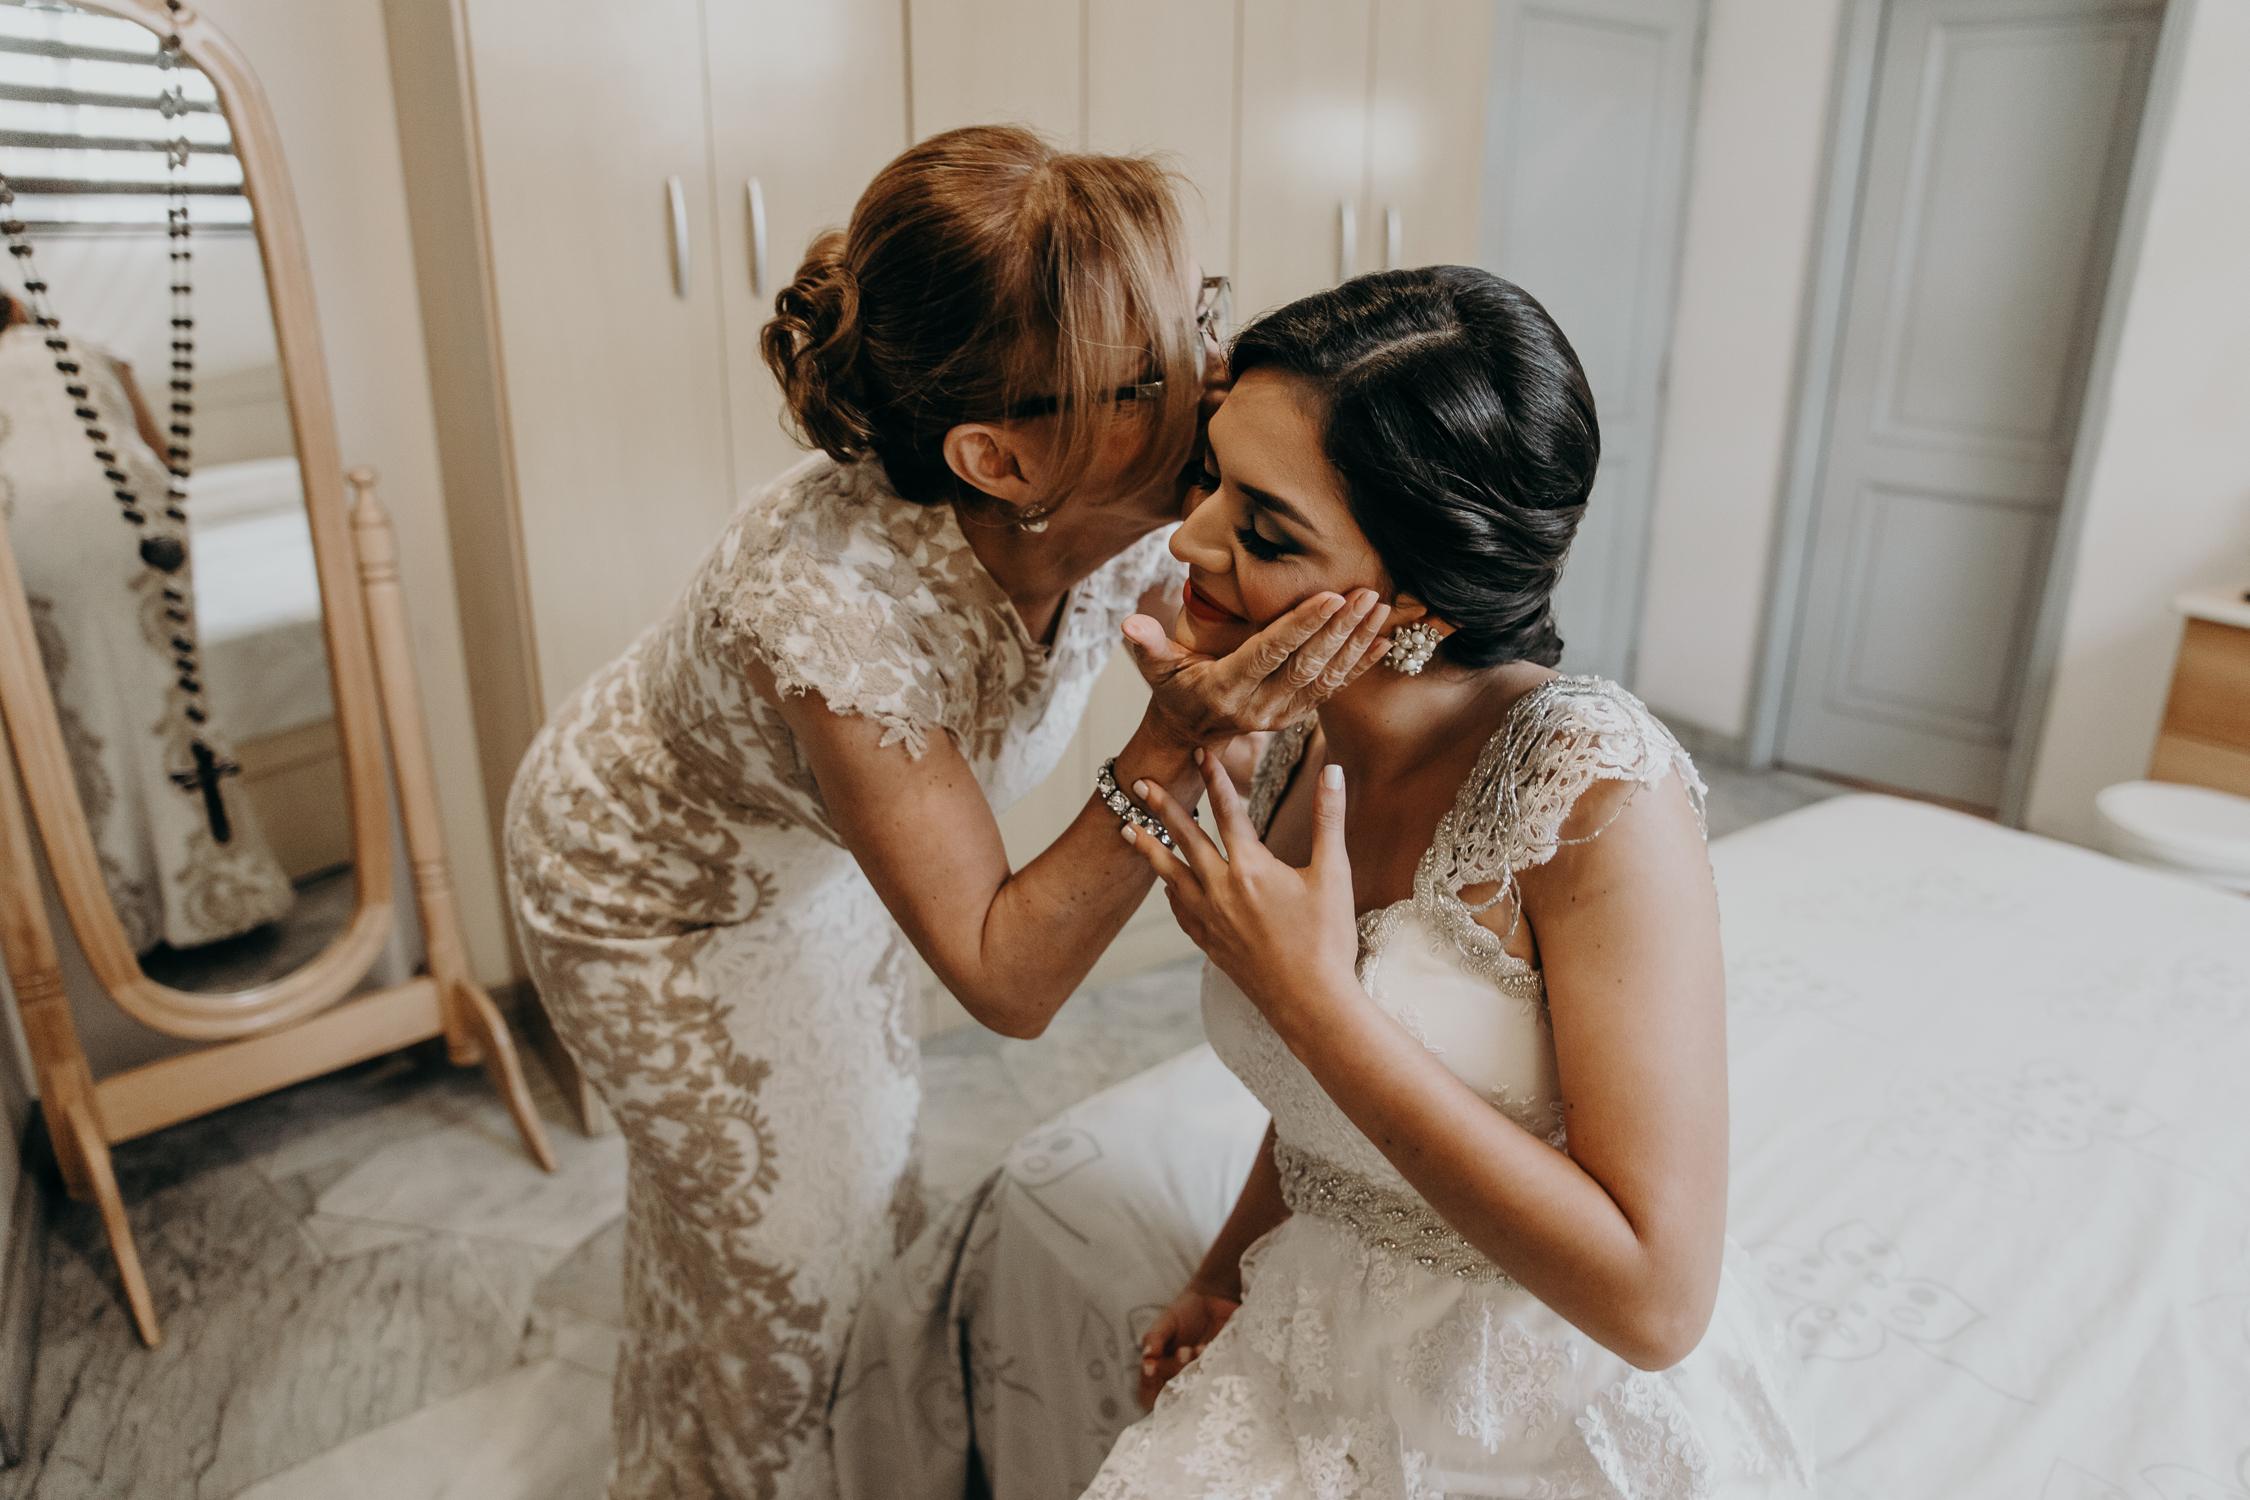 Michelle-Agurto-Fotografia-Bodas-Ecuador-Destination-Wedding-Photographer-Cristi-Luis-19.JPG